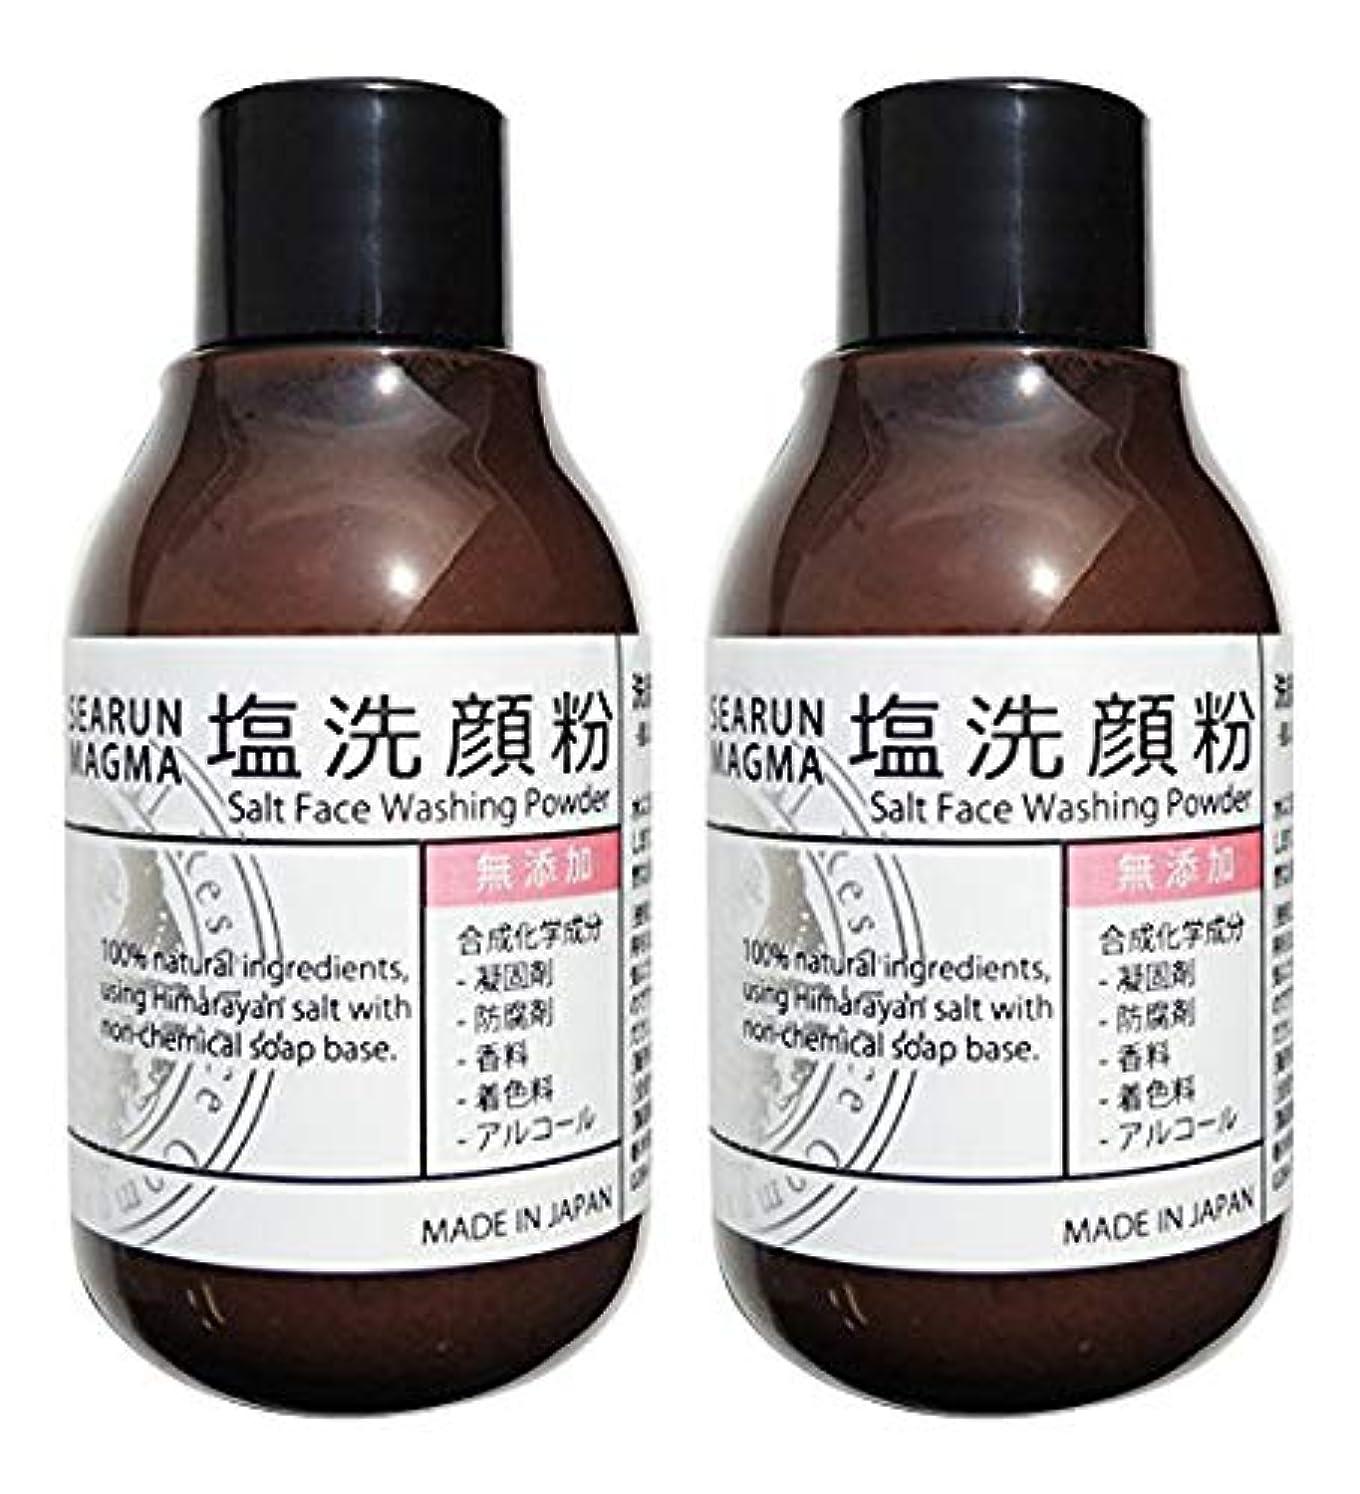 礼儀ショッピングセンター鋼シーラン マグマ洗顔粉 40g (2本)